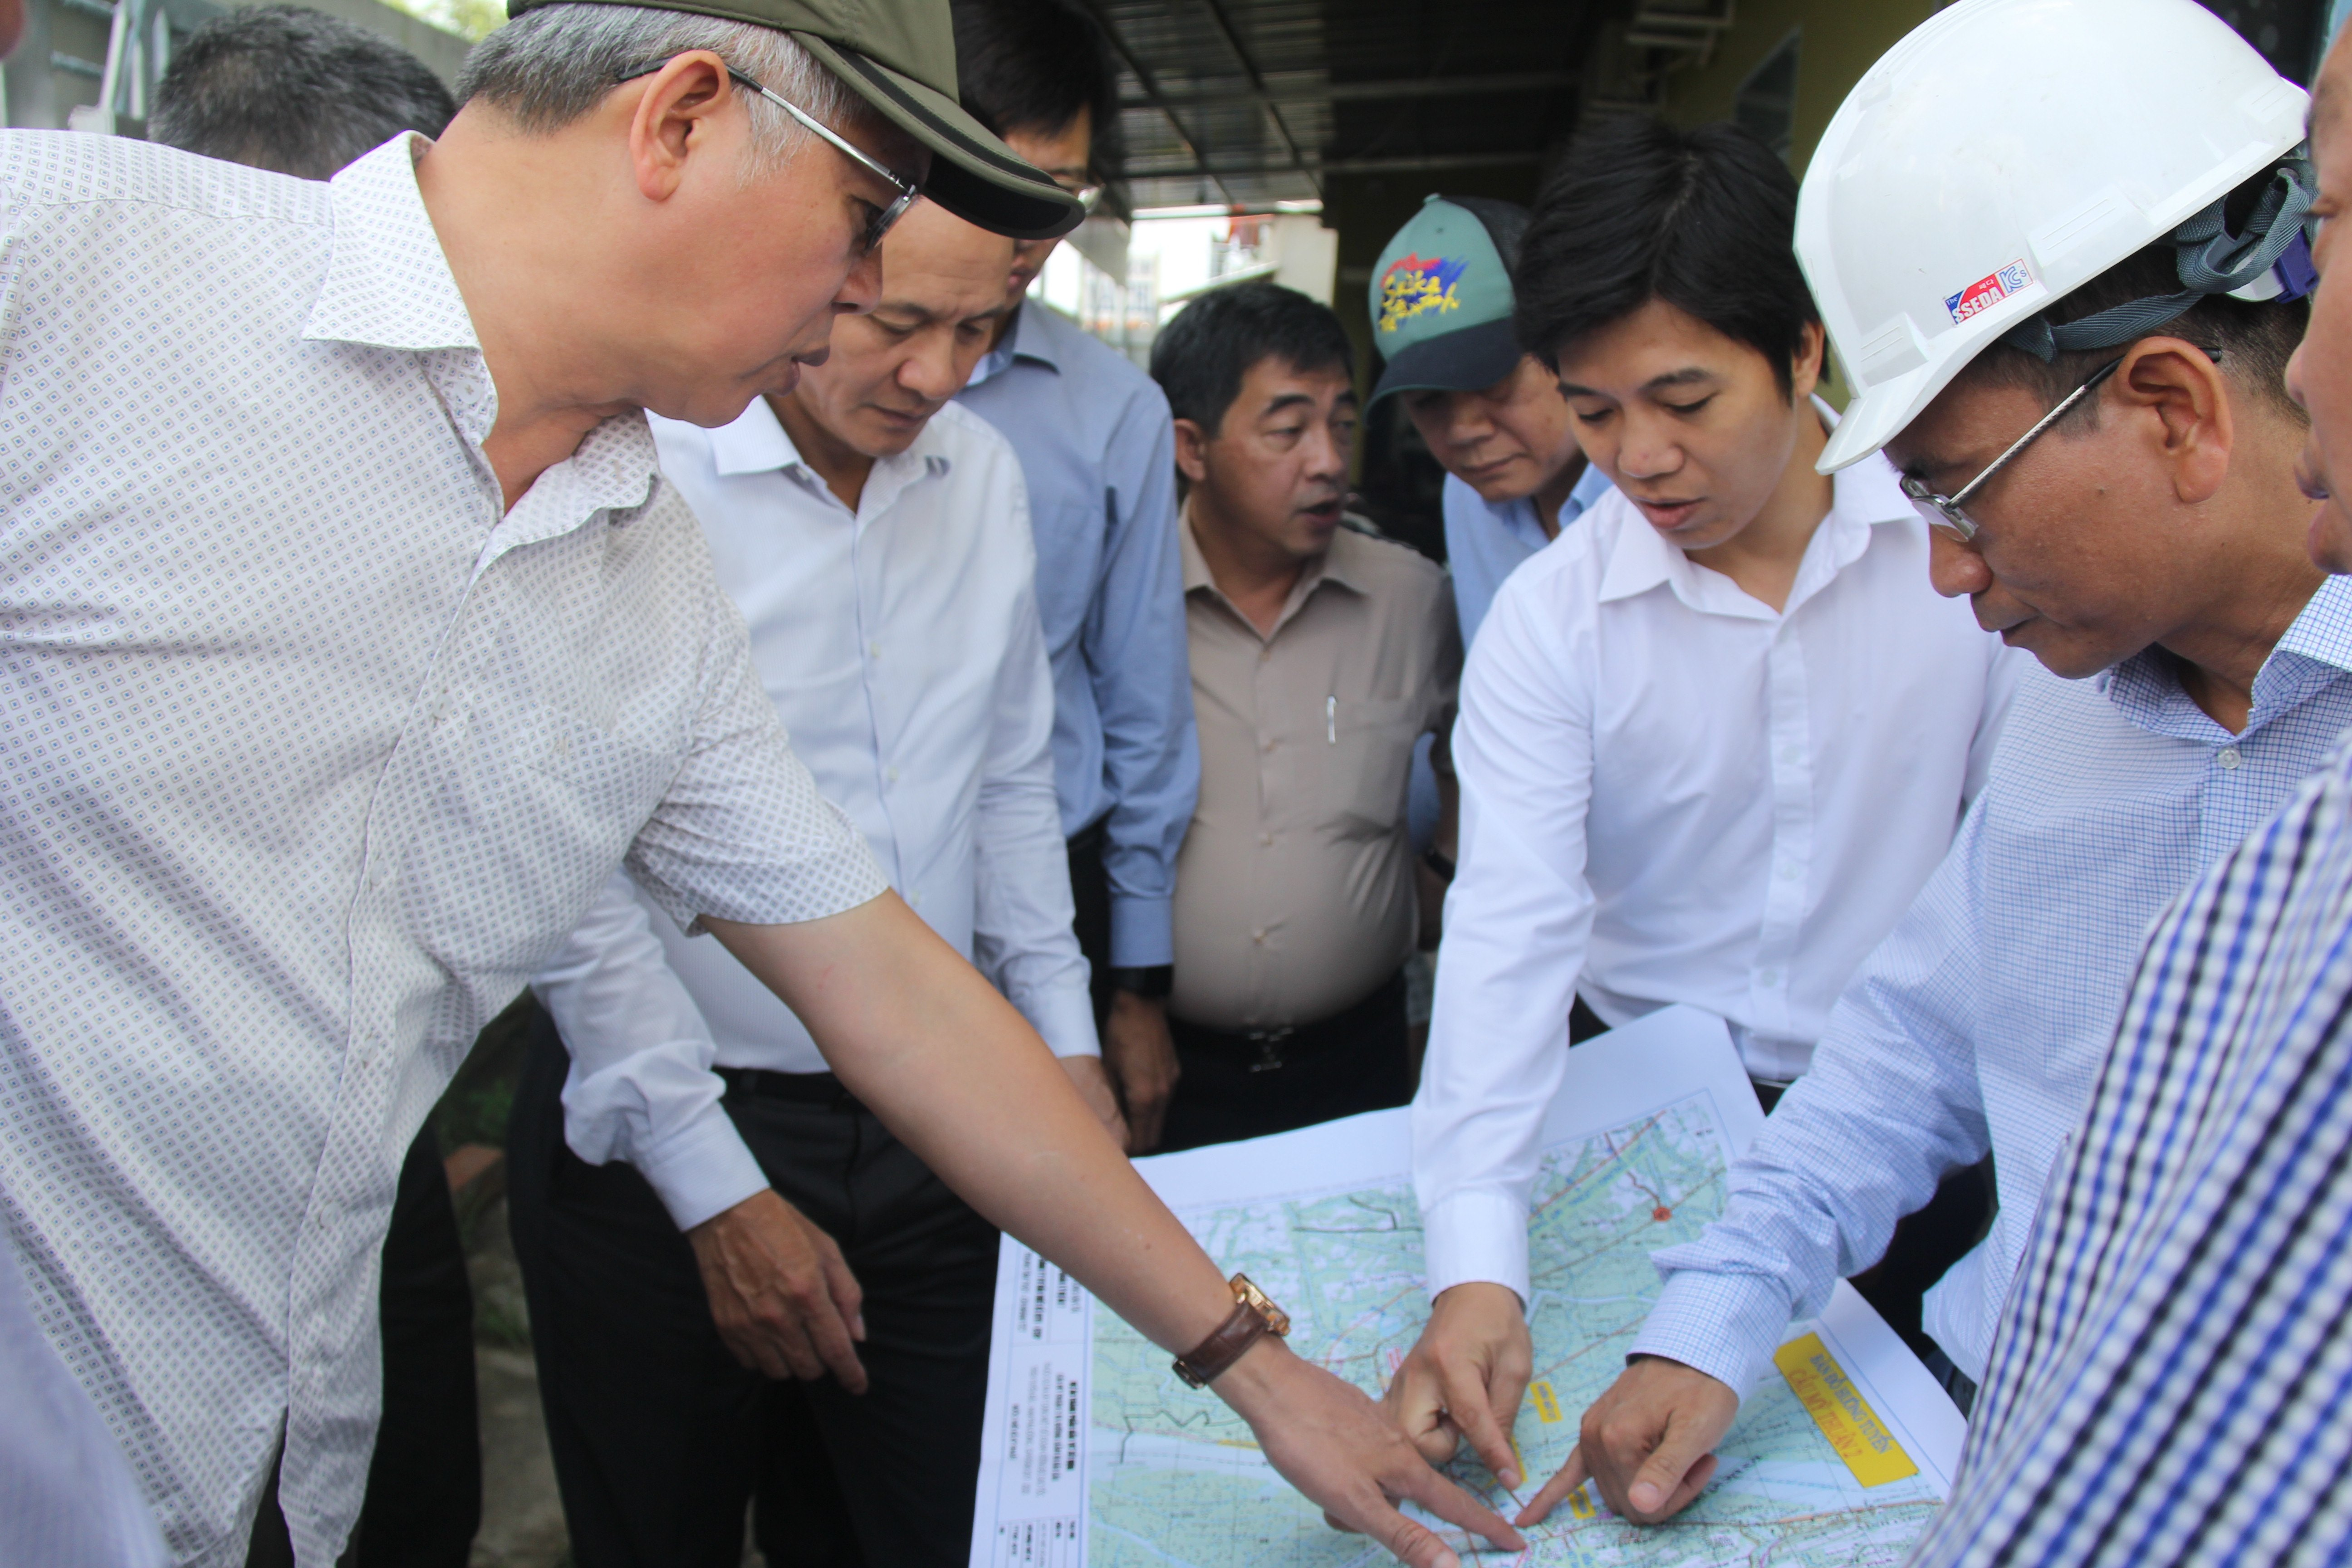 Đoàn công tác khảo sát vị trí xây dựng cầu Mỹ Thuận 2 đoạn qua địa phận tỉnh Tiền Giang.